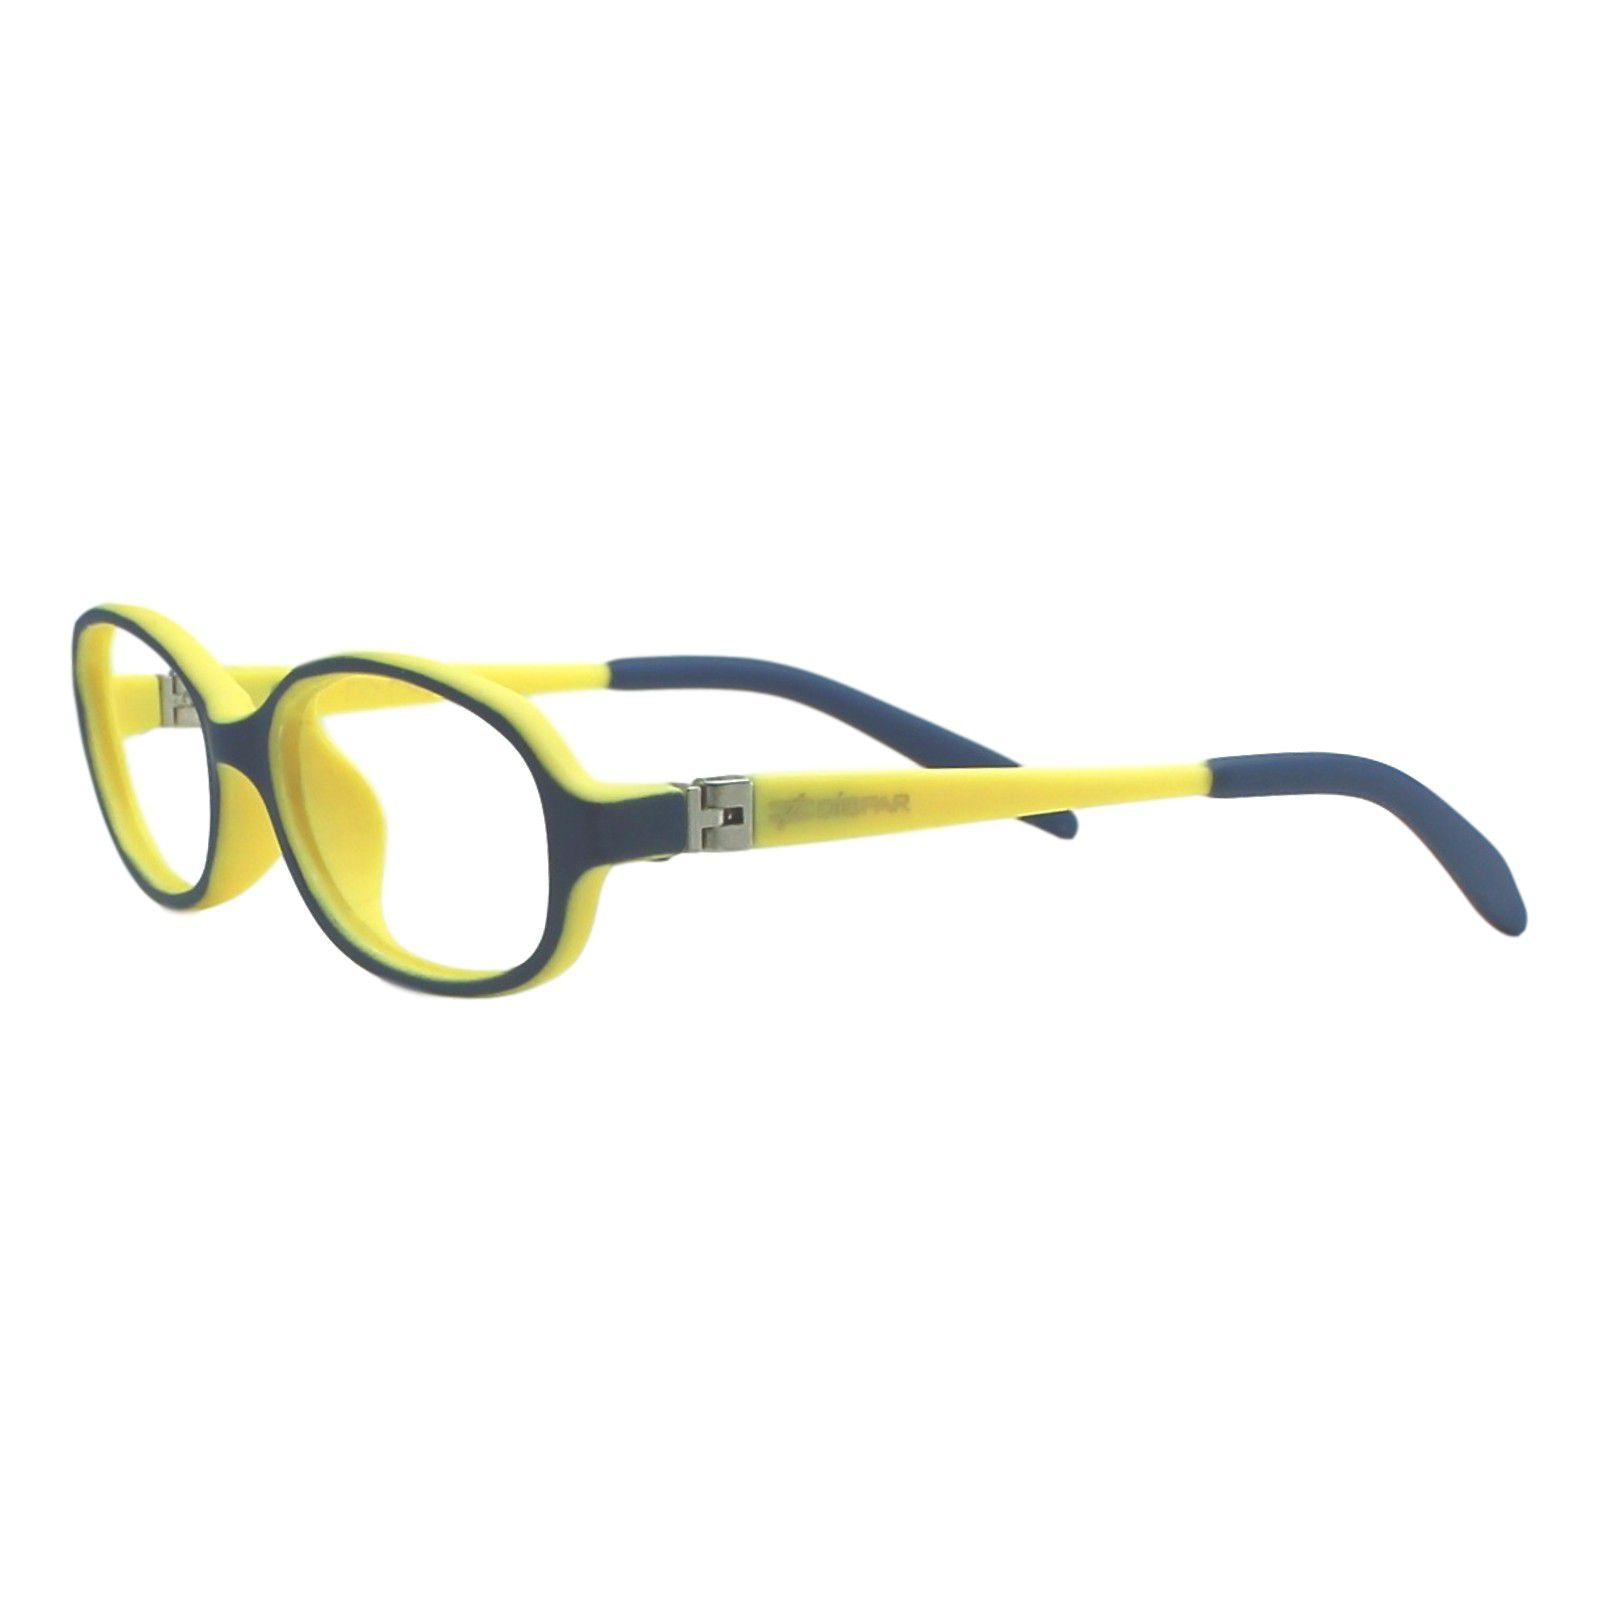 ... Armação para Óculos de Grau Díspar ID1944 Flexível Infantil Azul 3 a 6  anos - Díspar ... 07d877486d